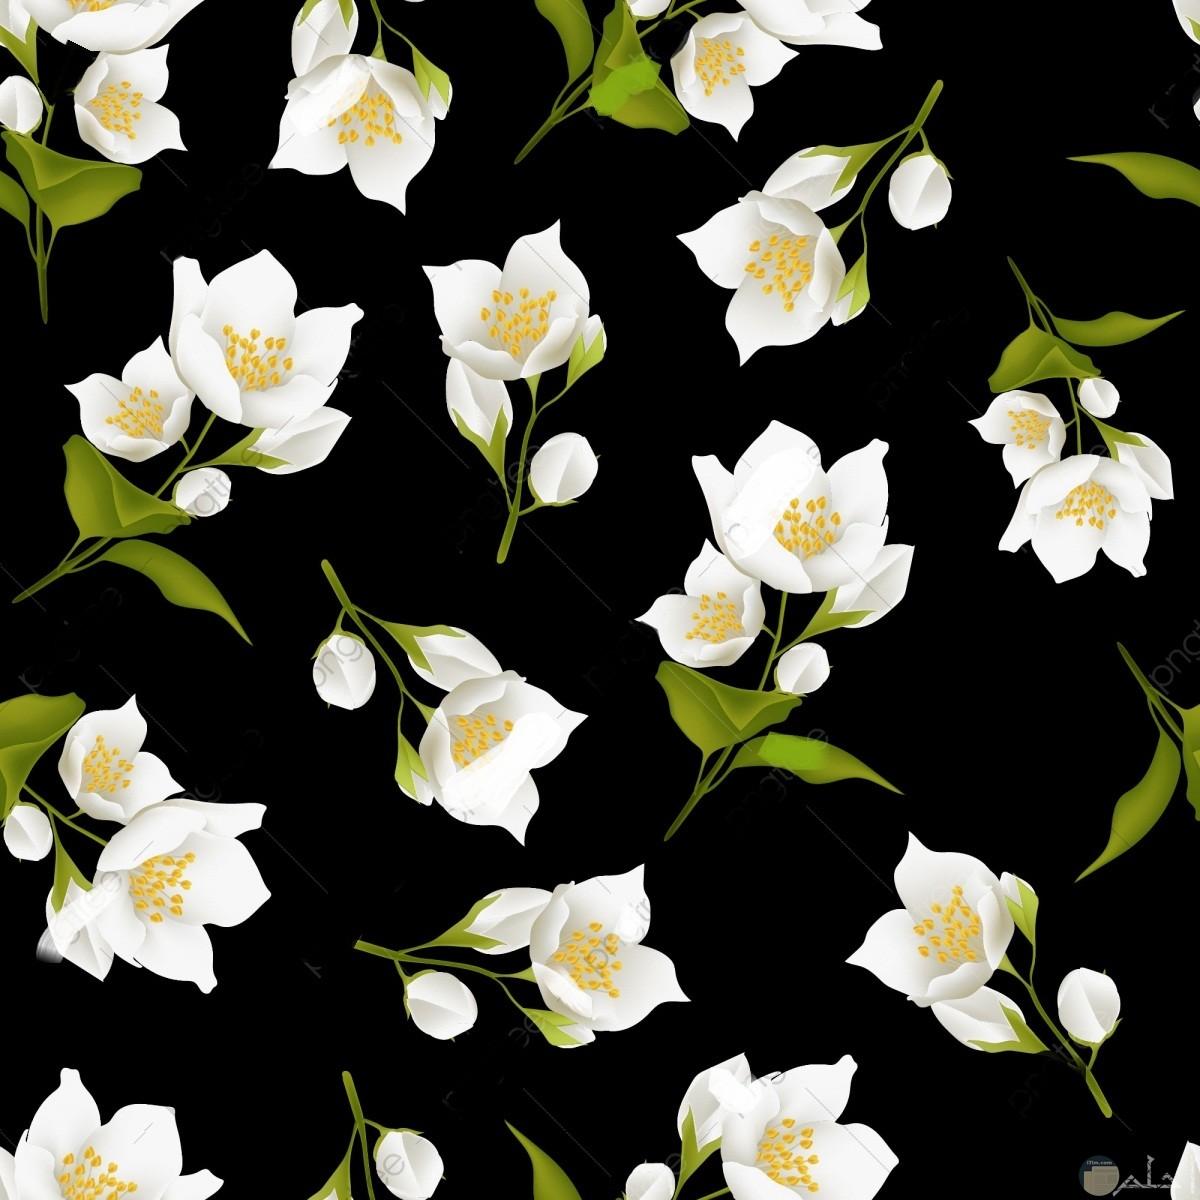 صورة لزهور الياسمين متناثرة الشكل.